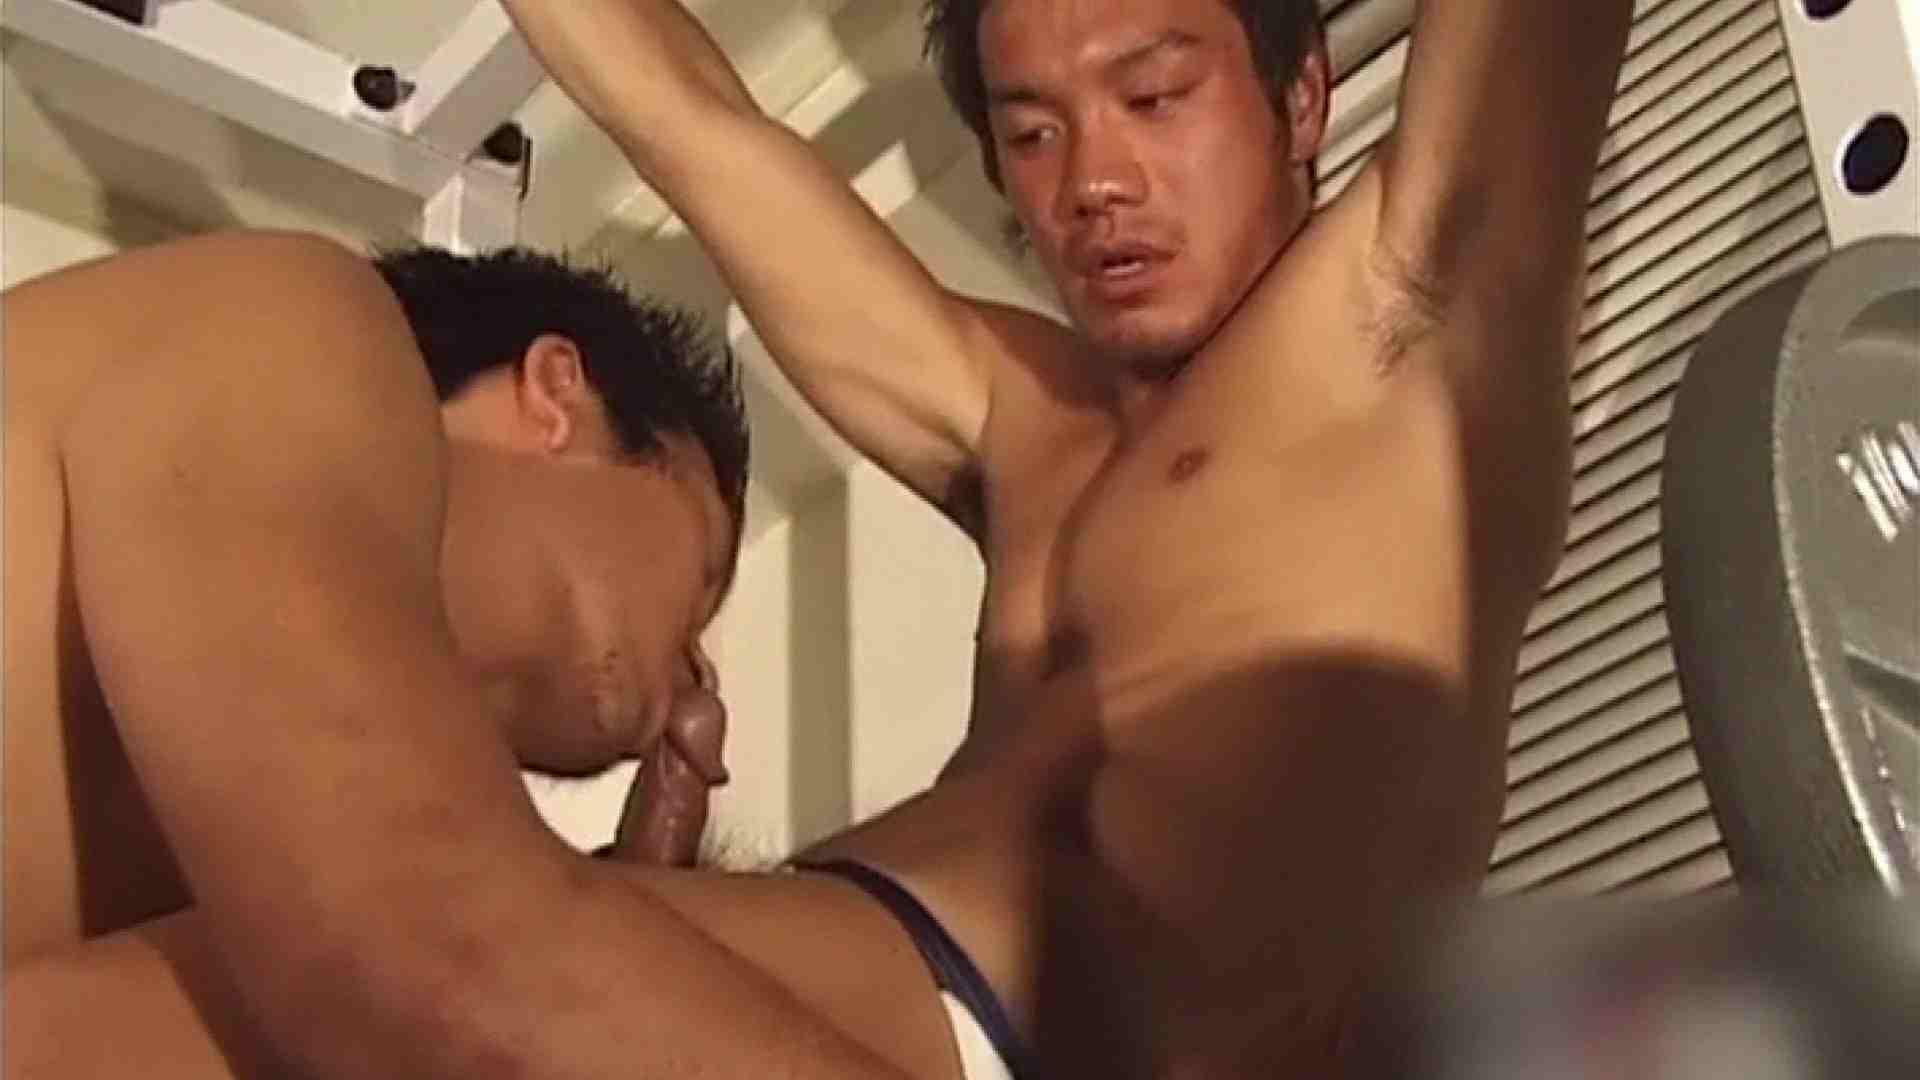 筋肉バカのおてぃんてぃんはほとんどゲイだからぁ…vol.3 水着 ゲイアダルトビデオ画像 70連発 34